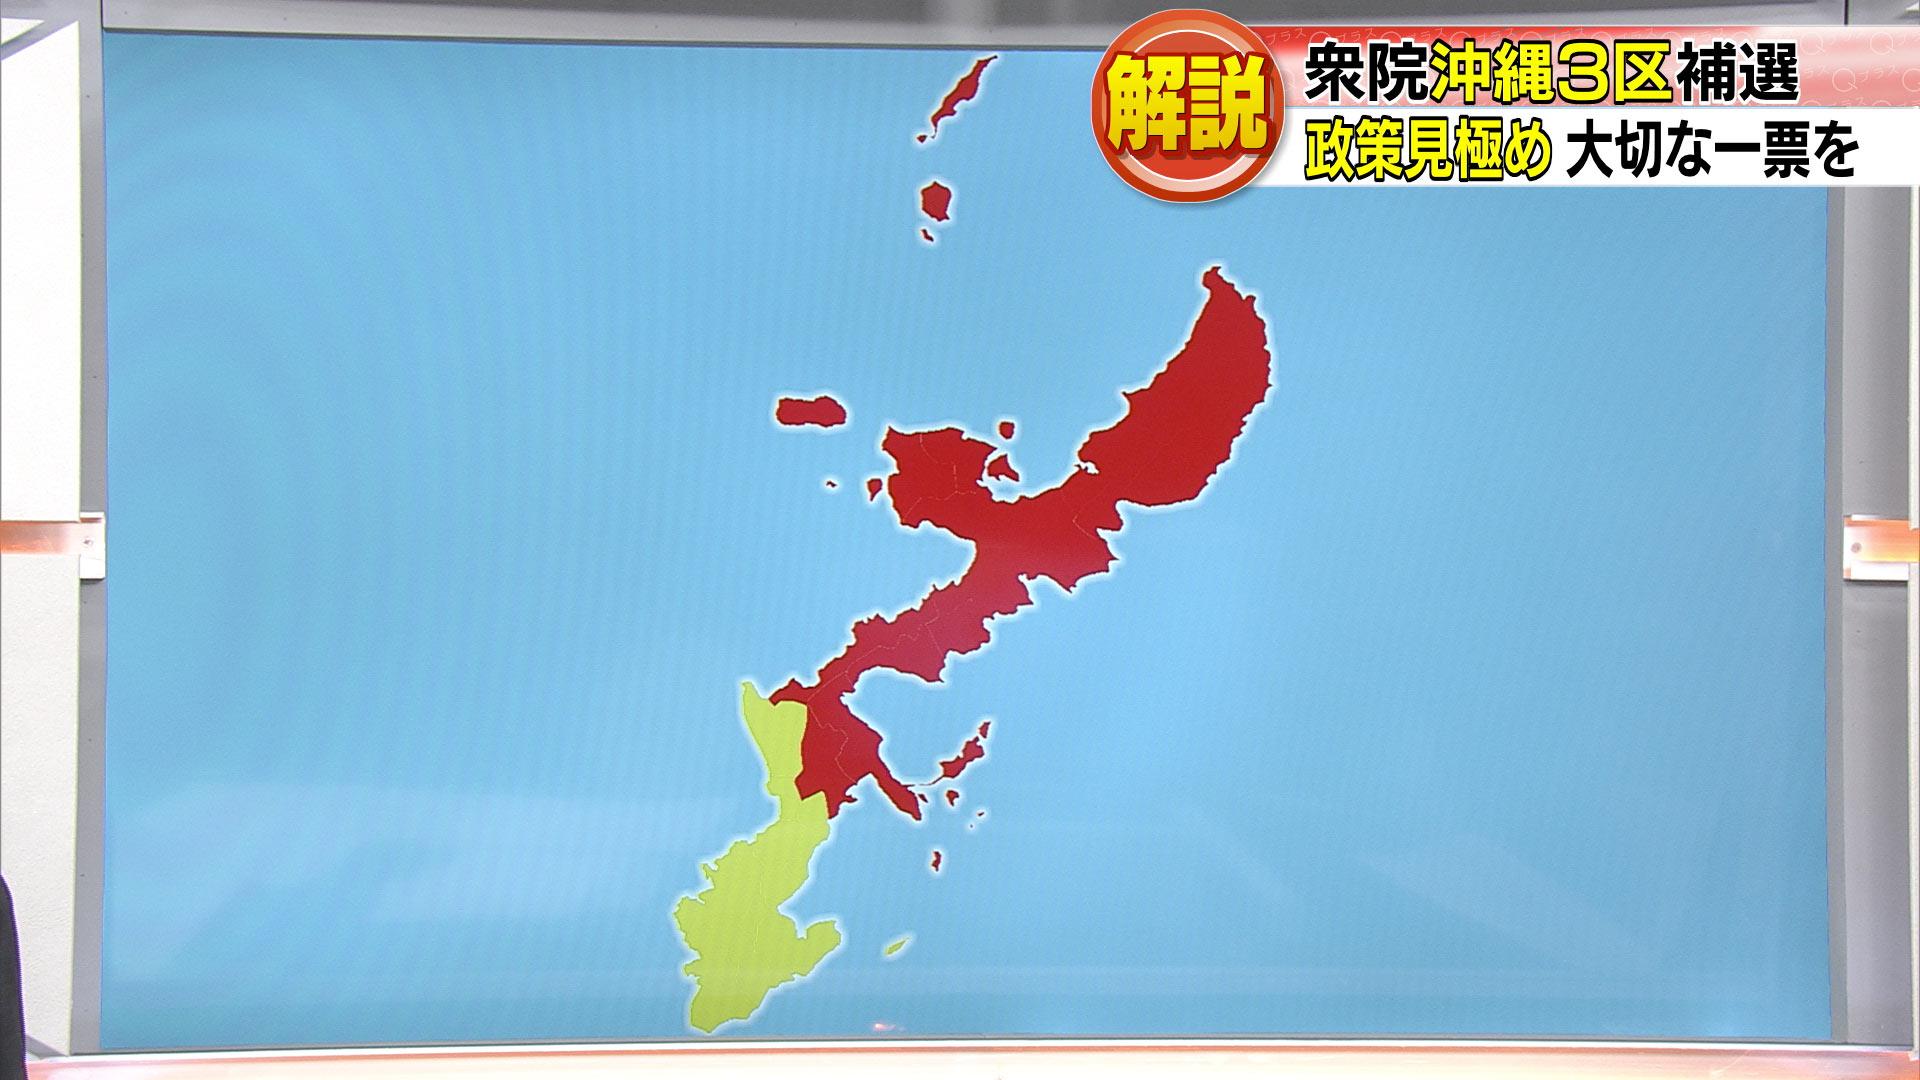 衆議院沖縄3区の選挙区